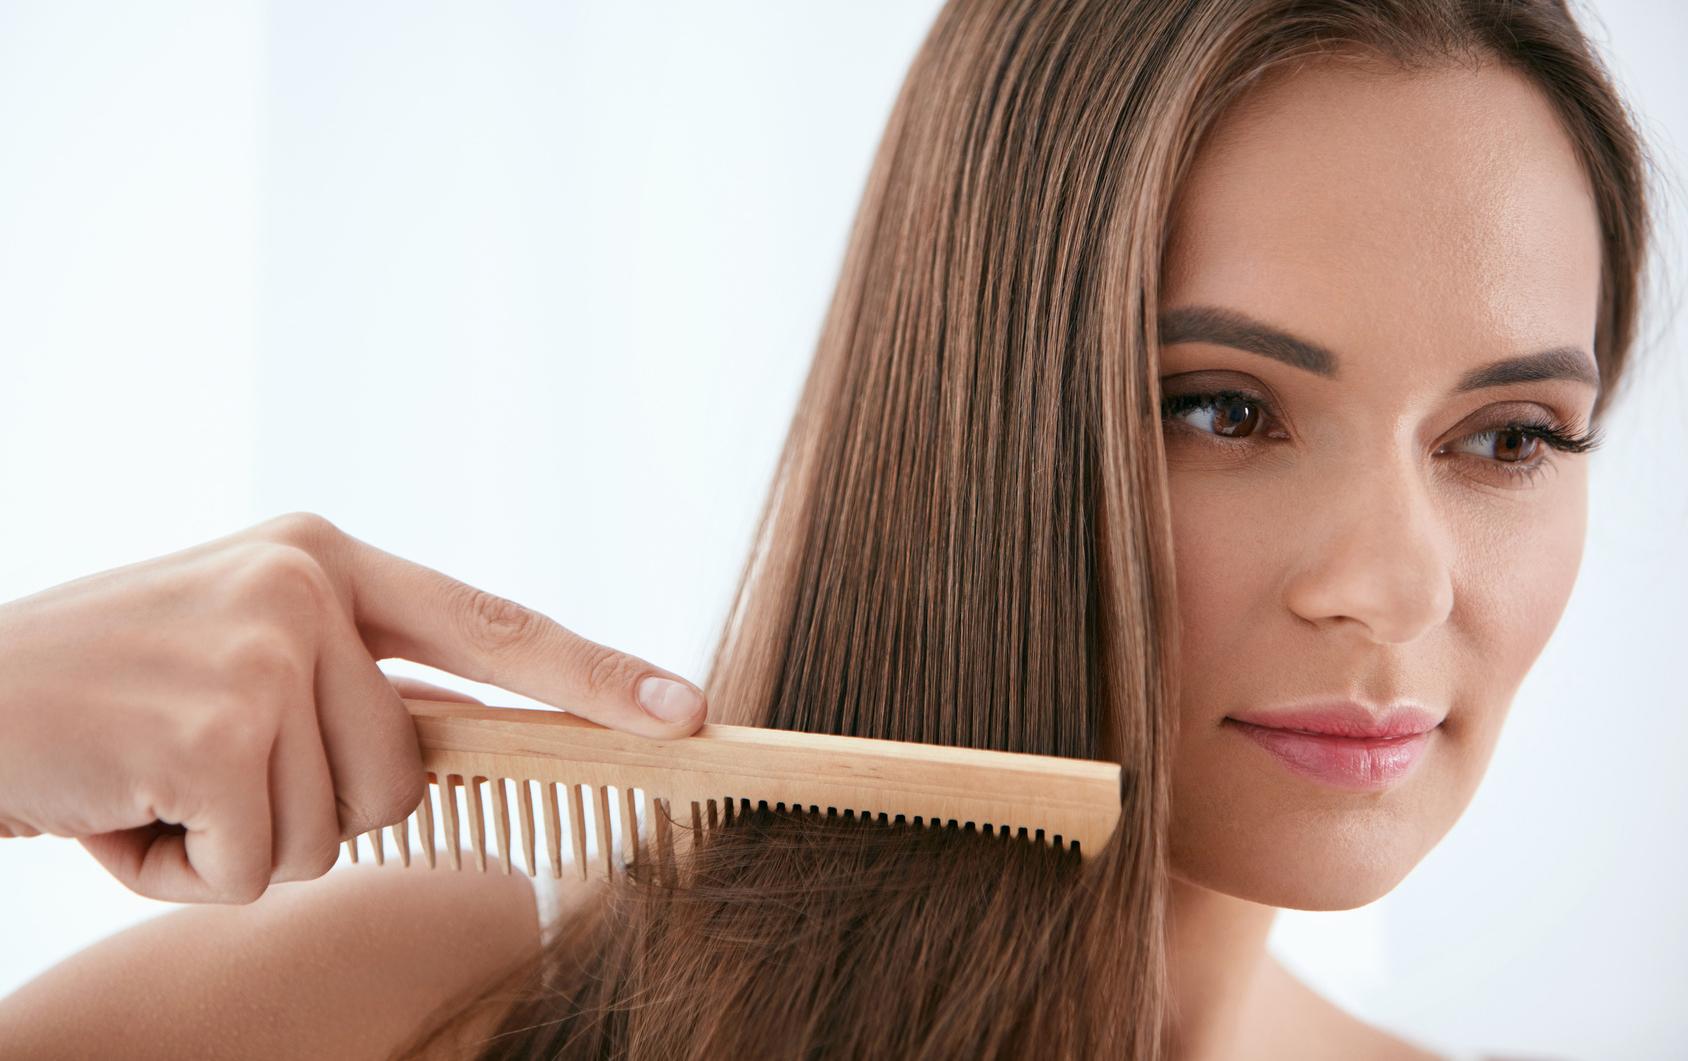 Уход за волосами дома и в салонах красоты